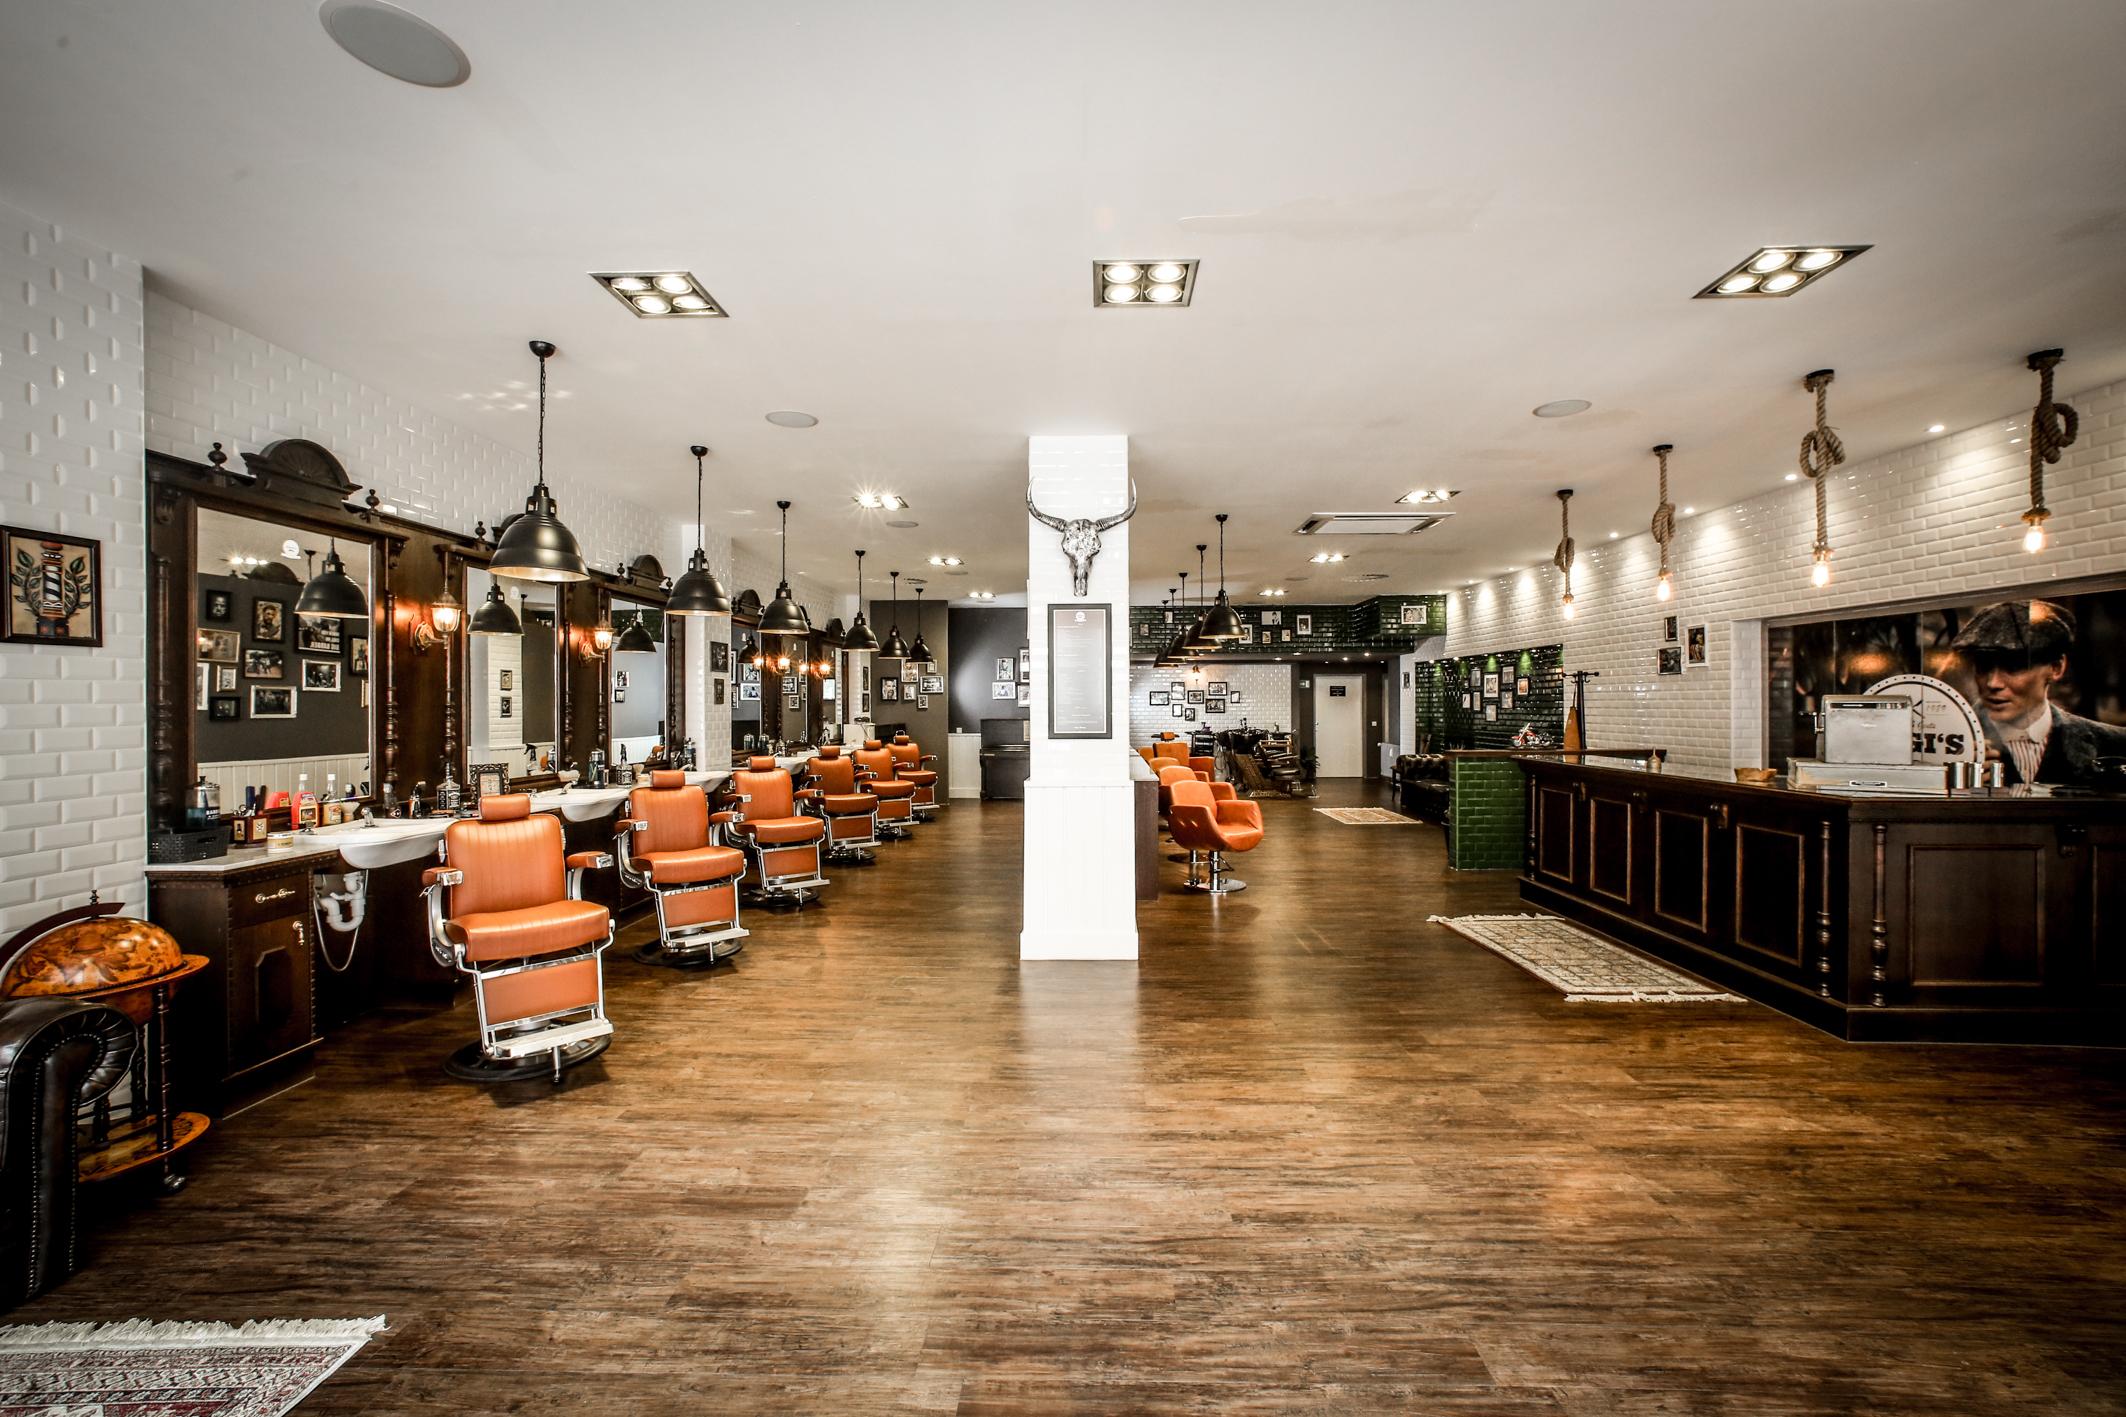 Barber Shops / Friseure | PomadeShop